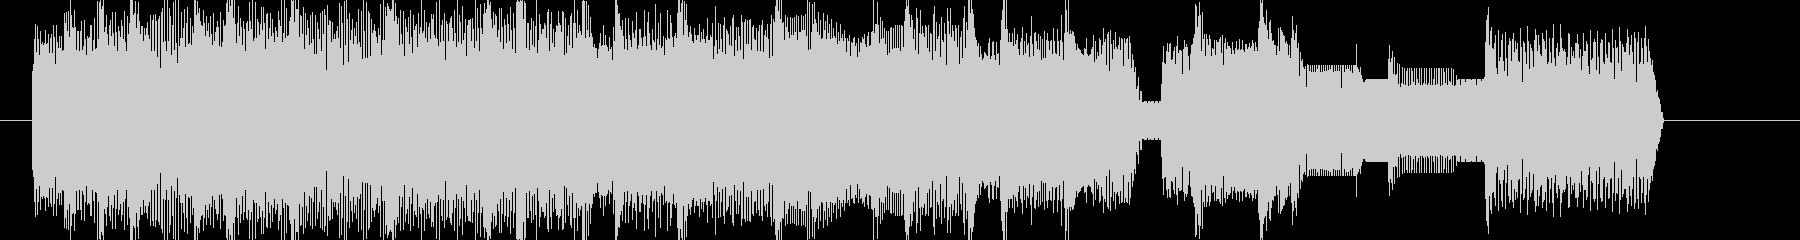 8bitレトロゲーム風ラグタイムジングルの未再生の波形